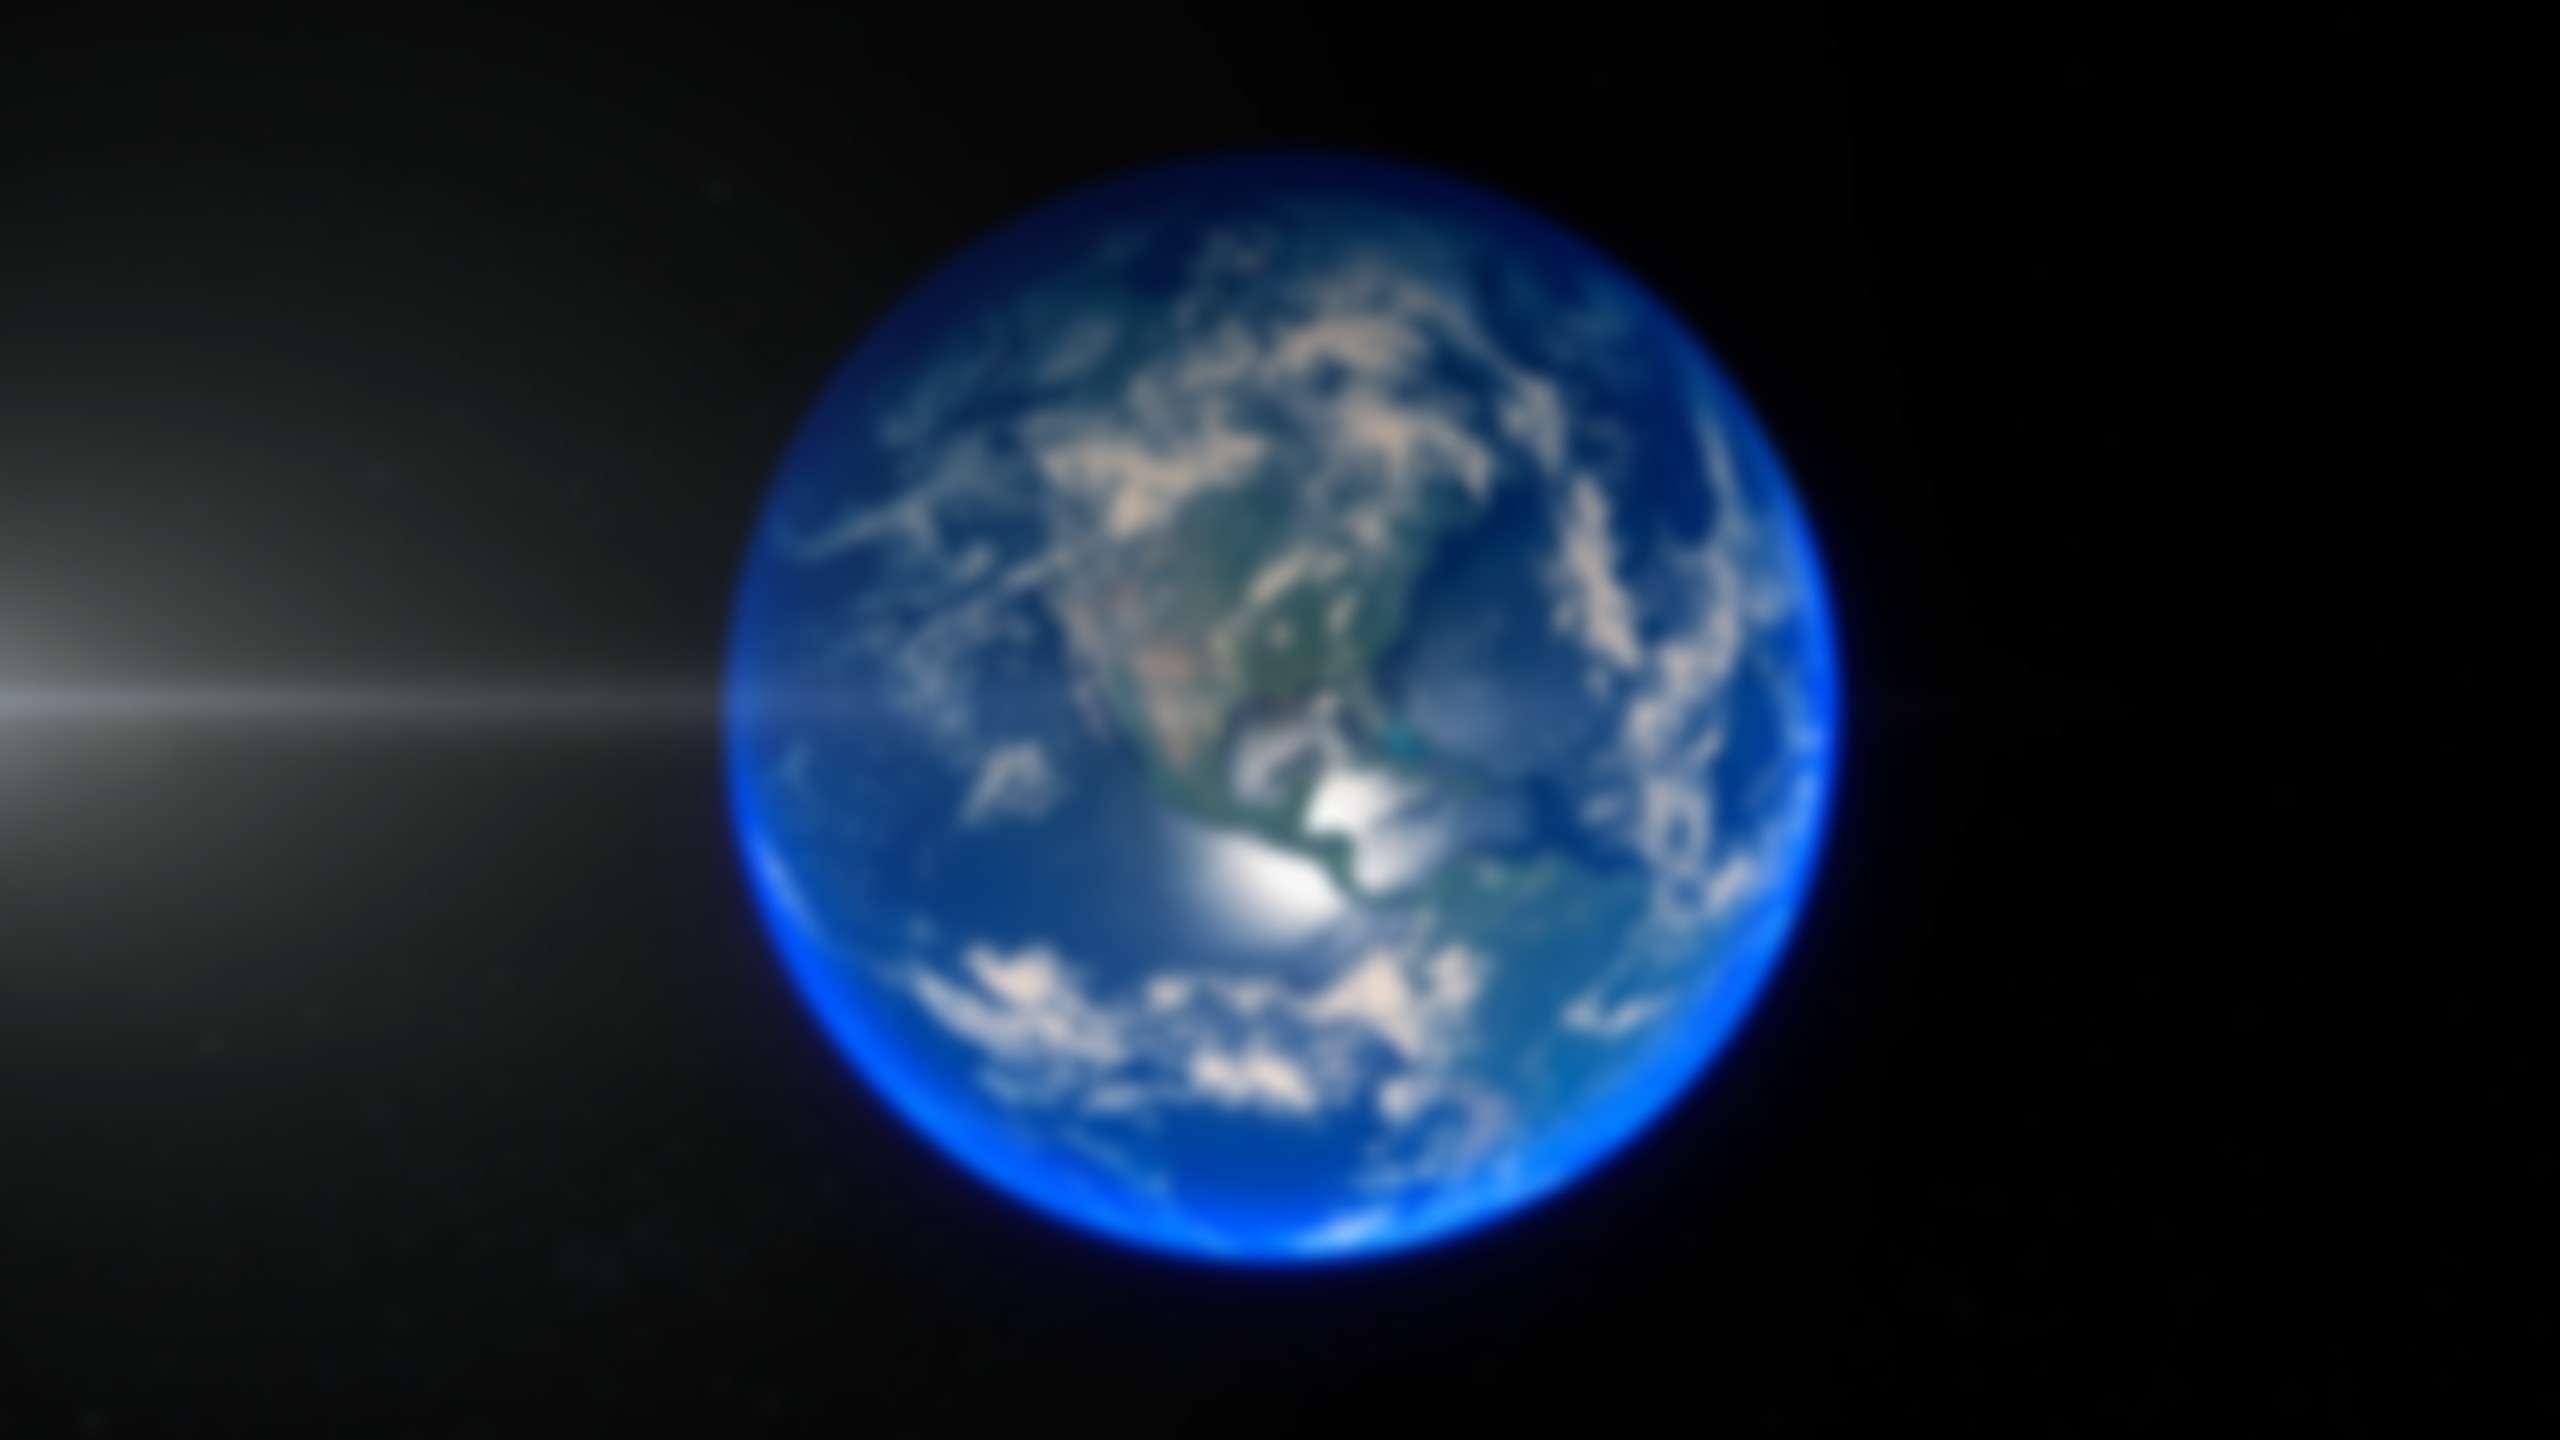 What IF (world) - Still Blurred 50%